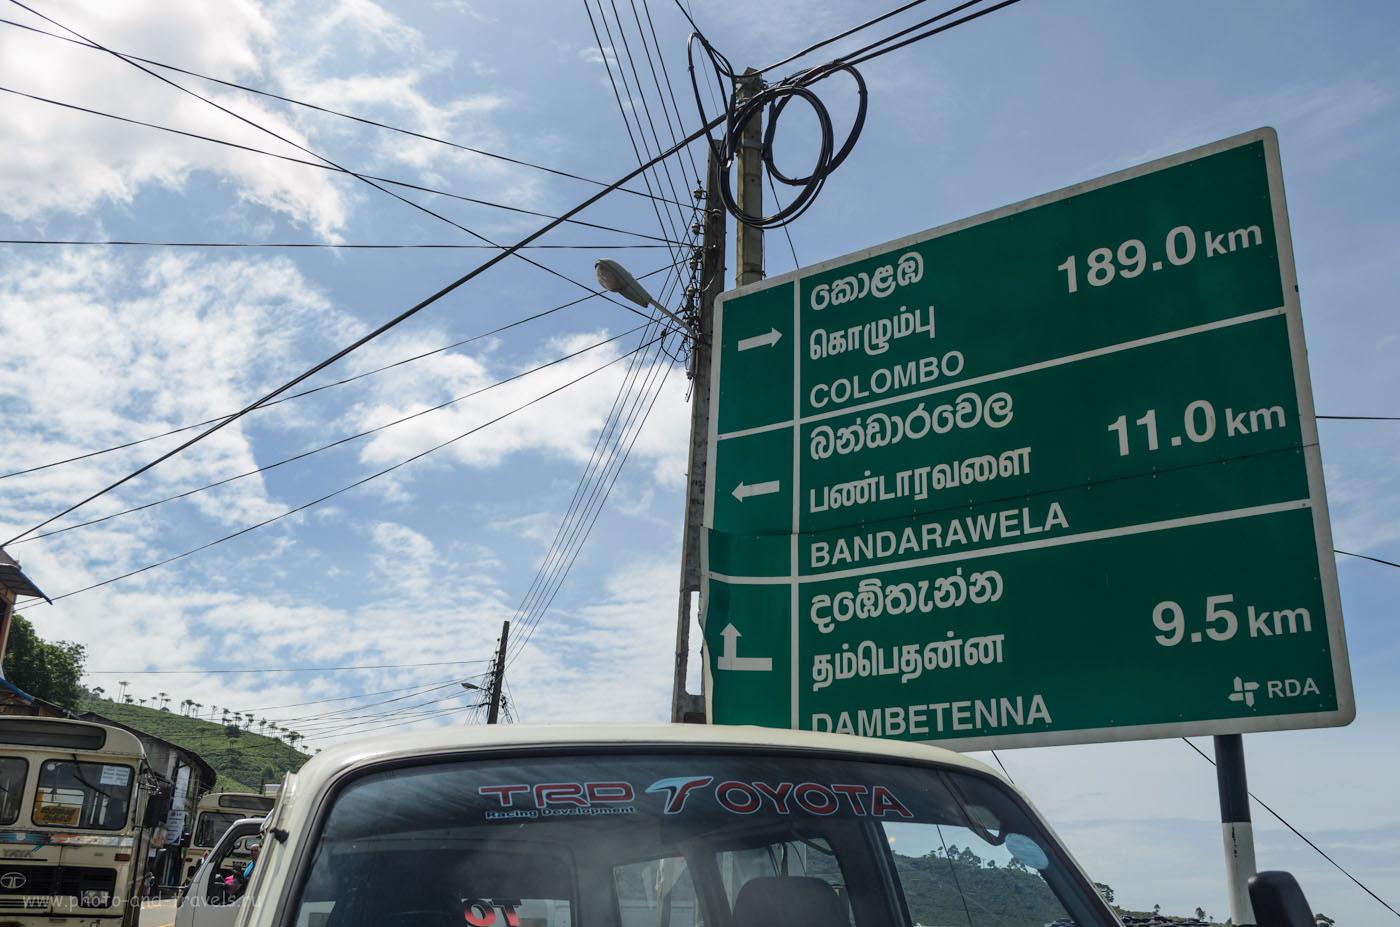 Фото 1. Путешествие по Шри-Ланке на машине. Отзывы туристов об экскурсии на Пик Адама самостоятельно.